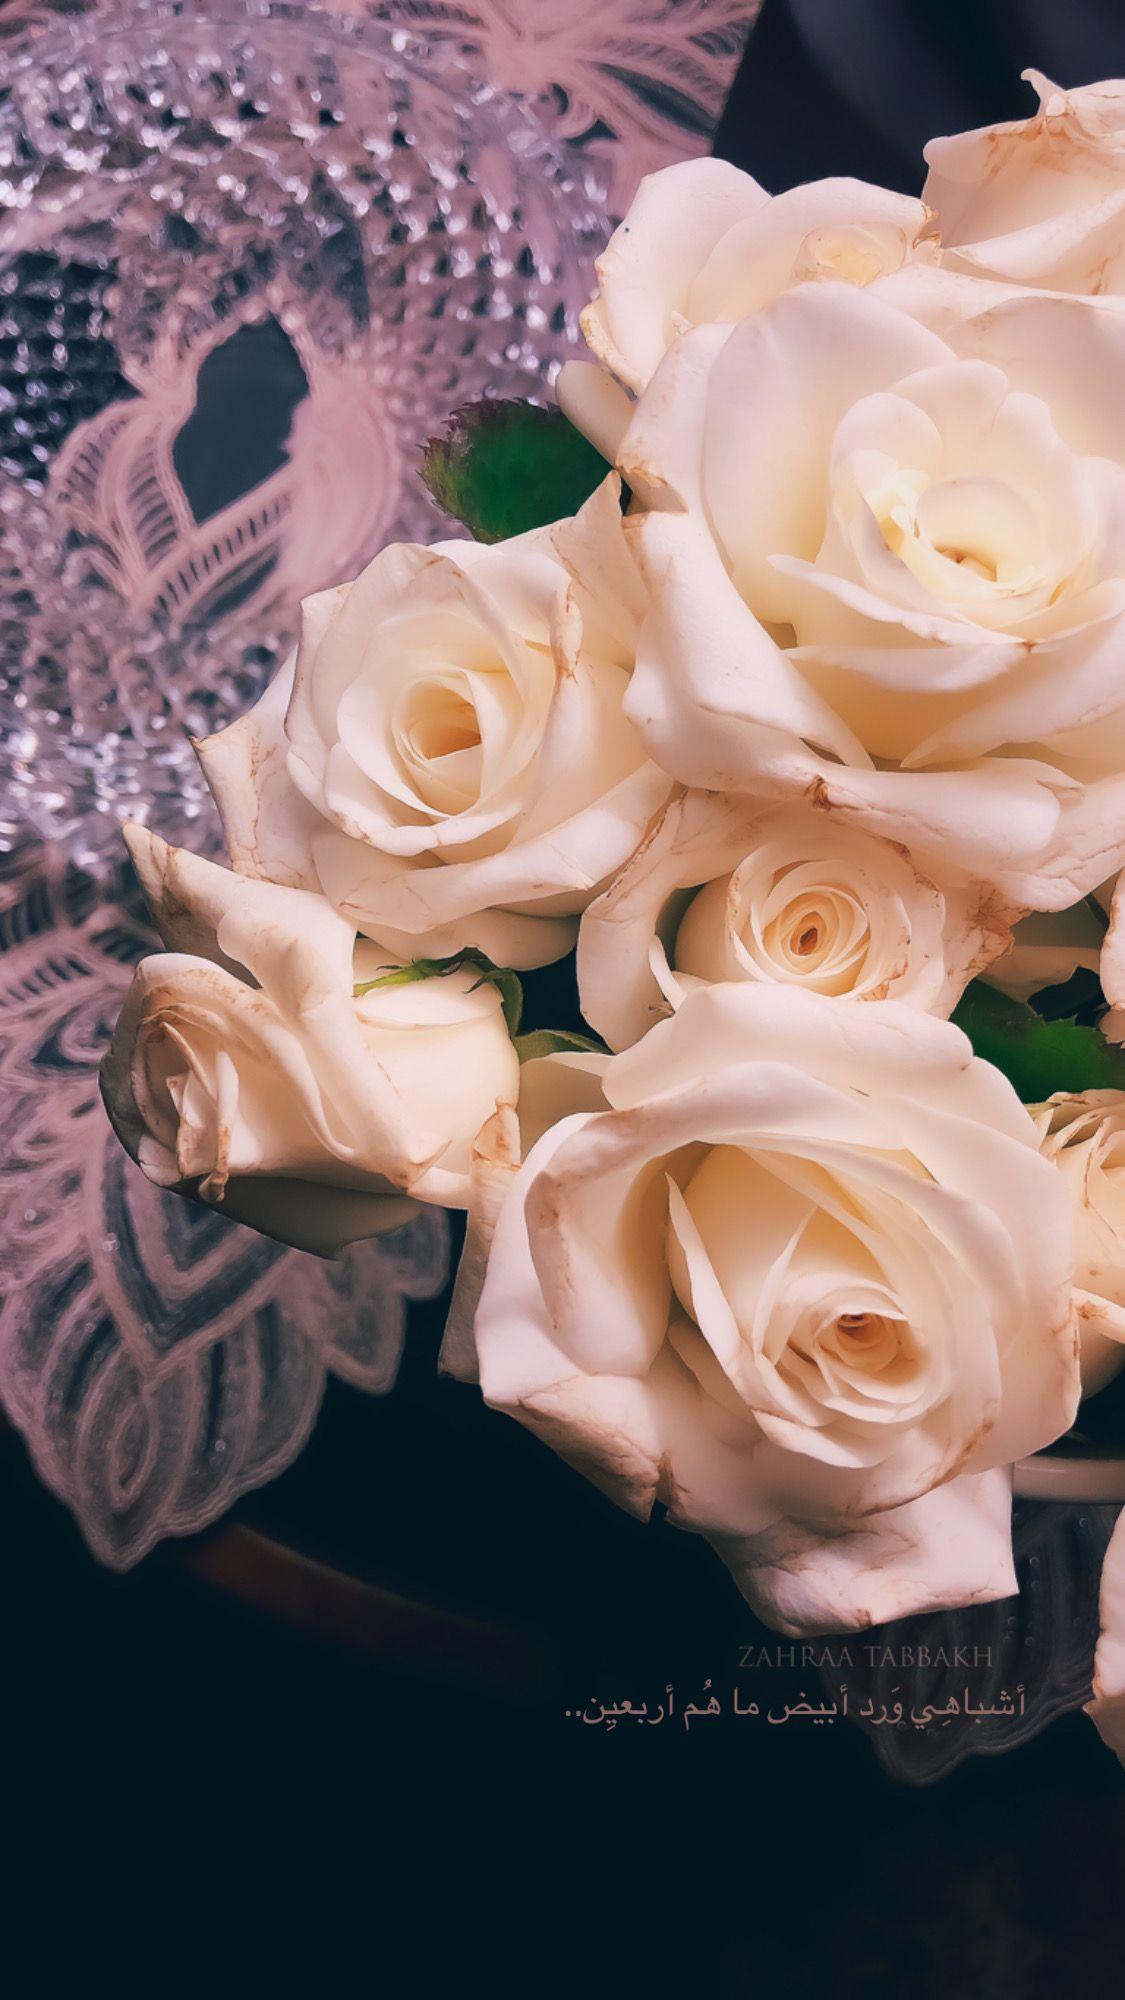 اشباهي ورد ابيض ما هم اربعين Flowers Rose Plants